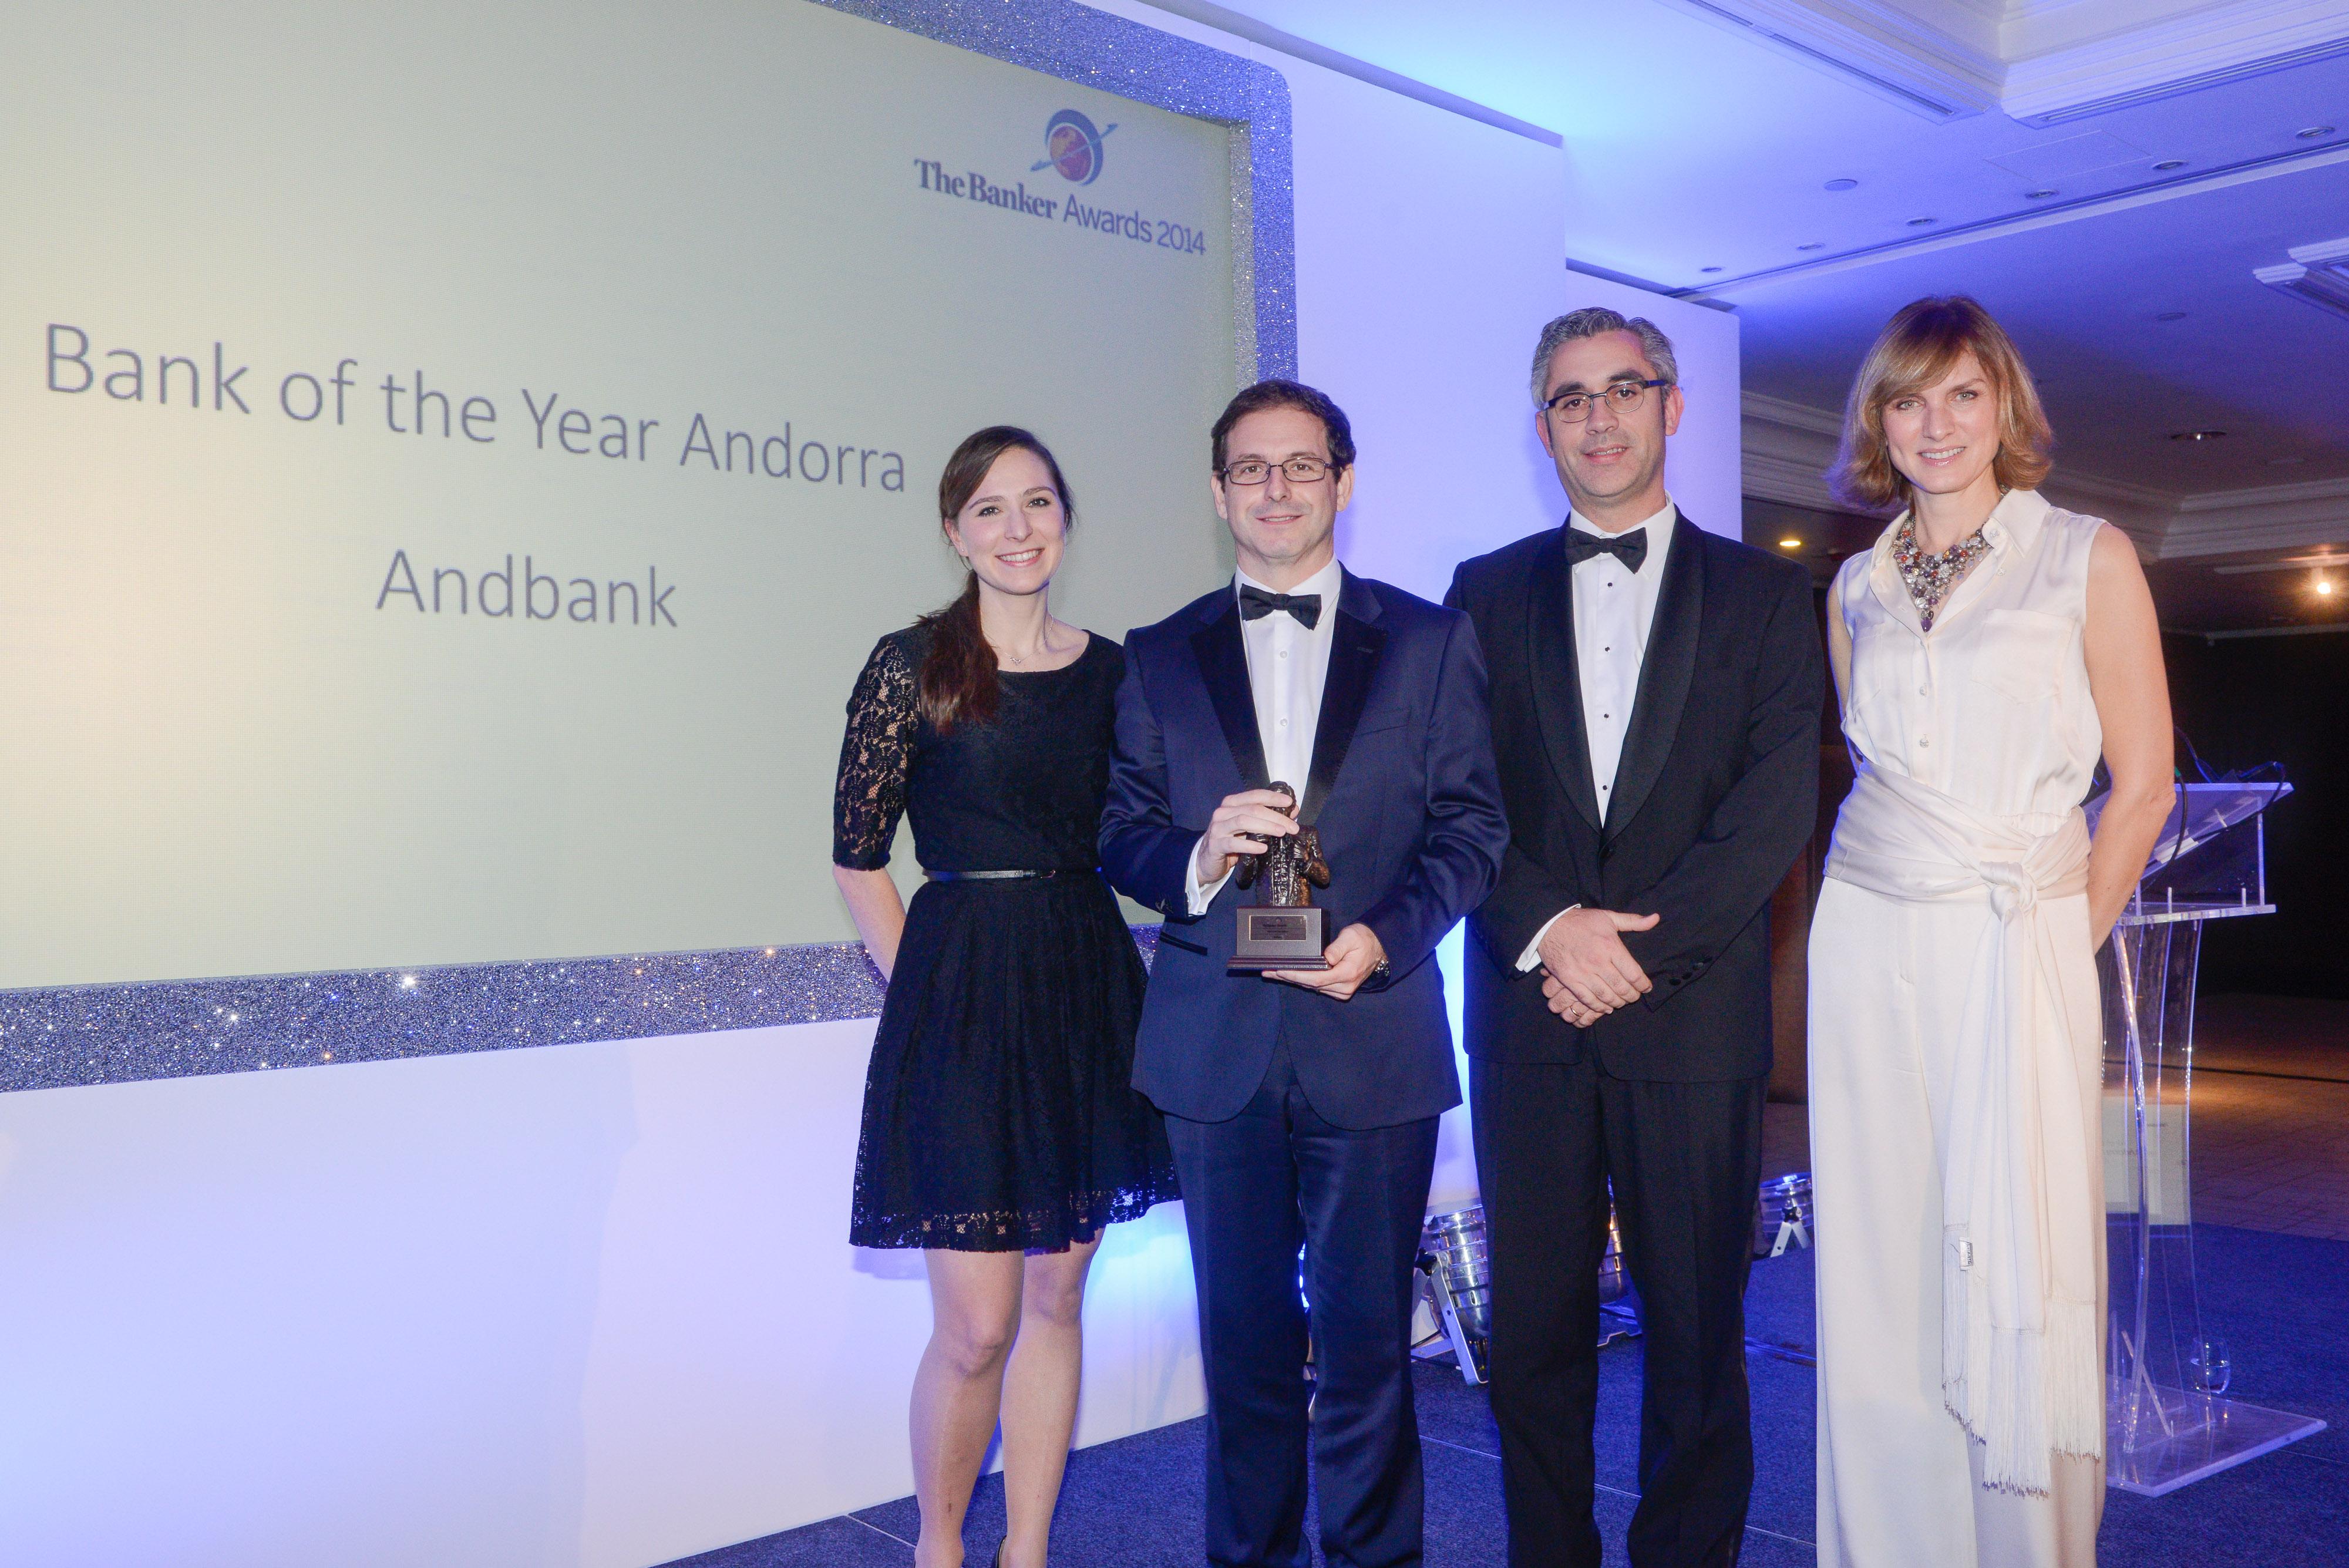 Andbank gana el premio al mejor banco de Andorra por The Banker